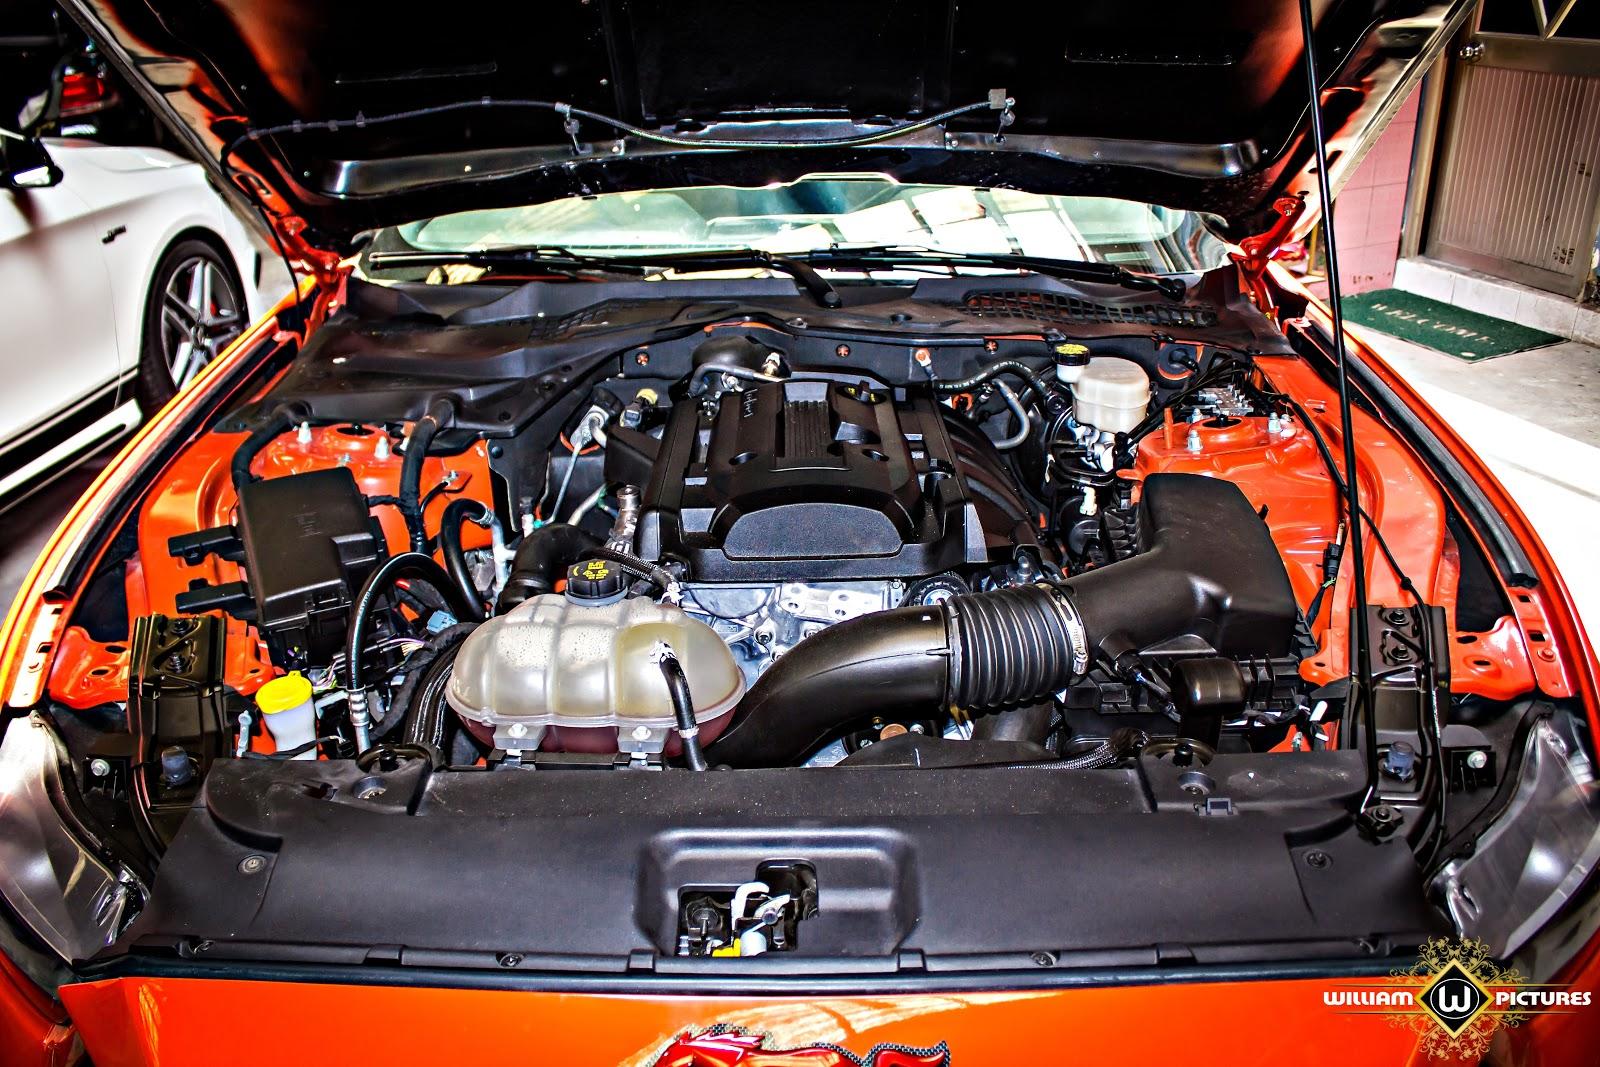 Khối động cơ 5 lít V8, sức mạnh lên đến 725 mã lực, chỉ cần nhấp ga, mọi chuyện tính sau